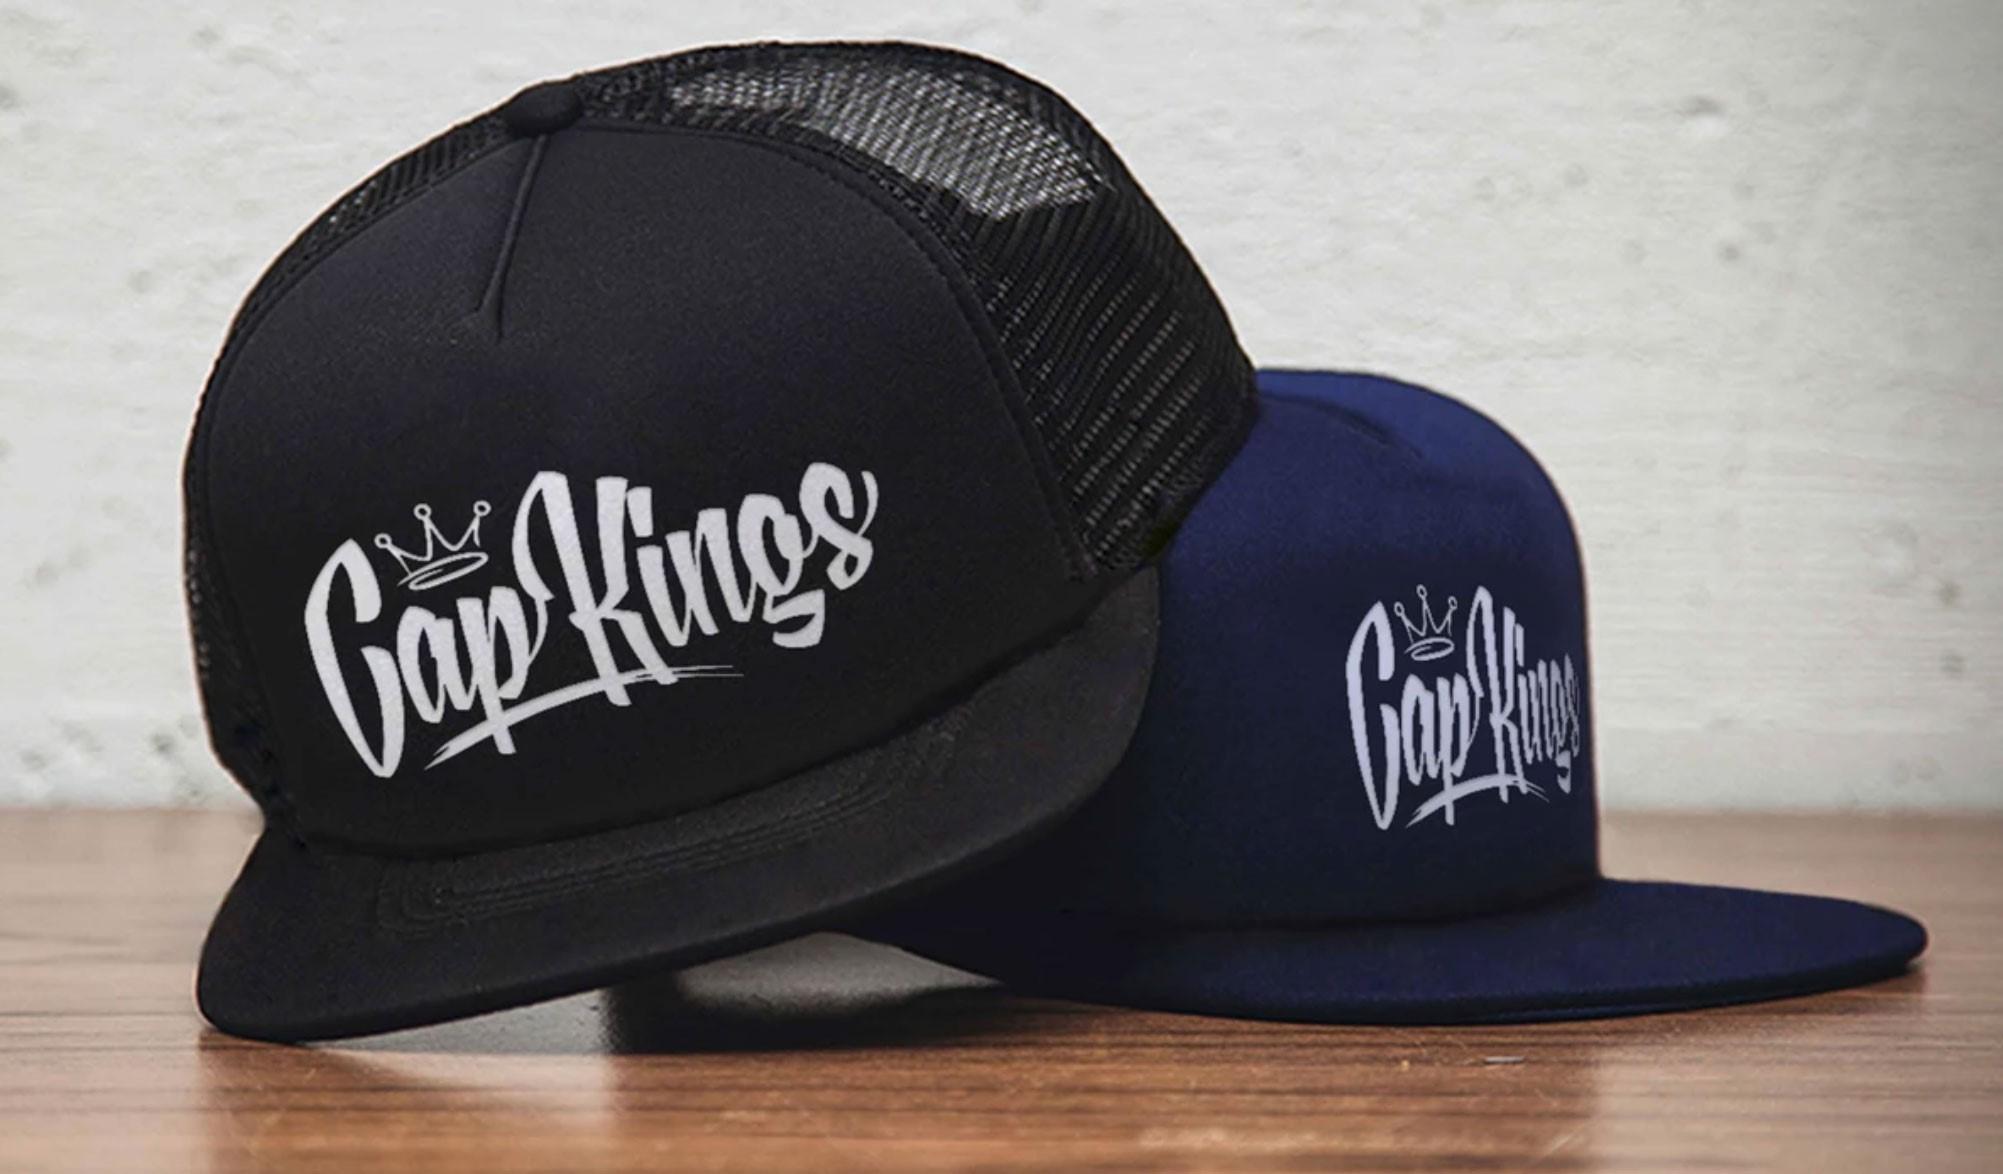 custom caps at Capkings